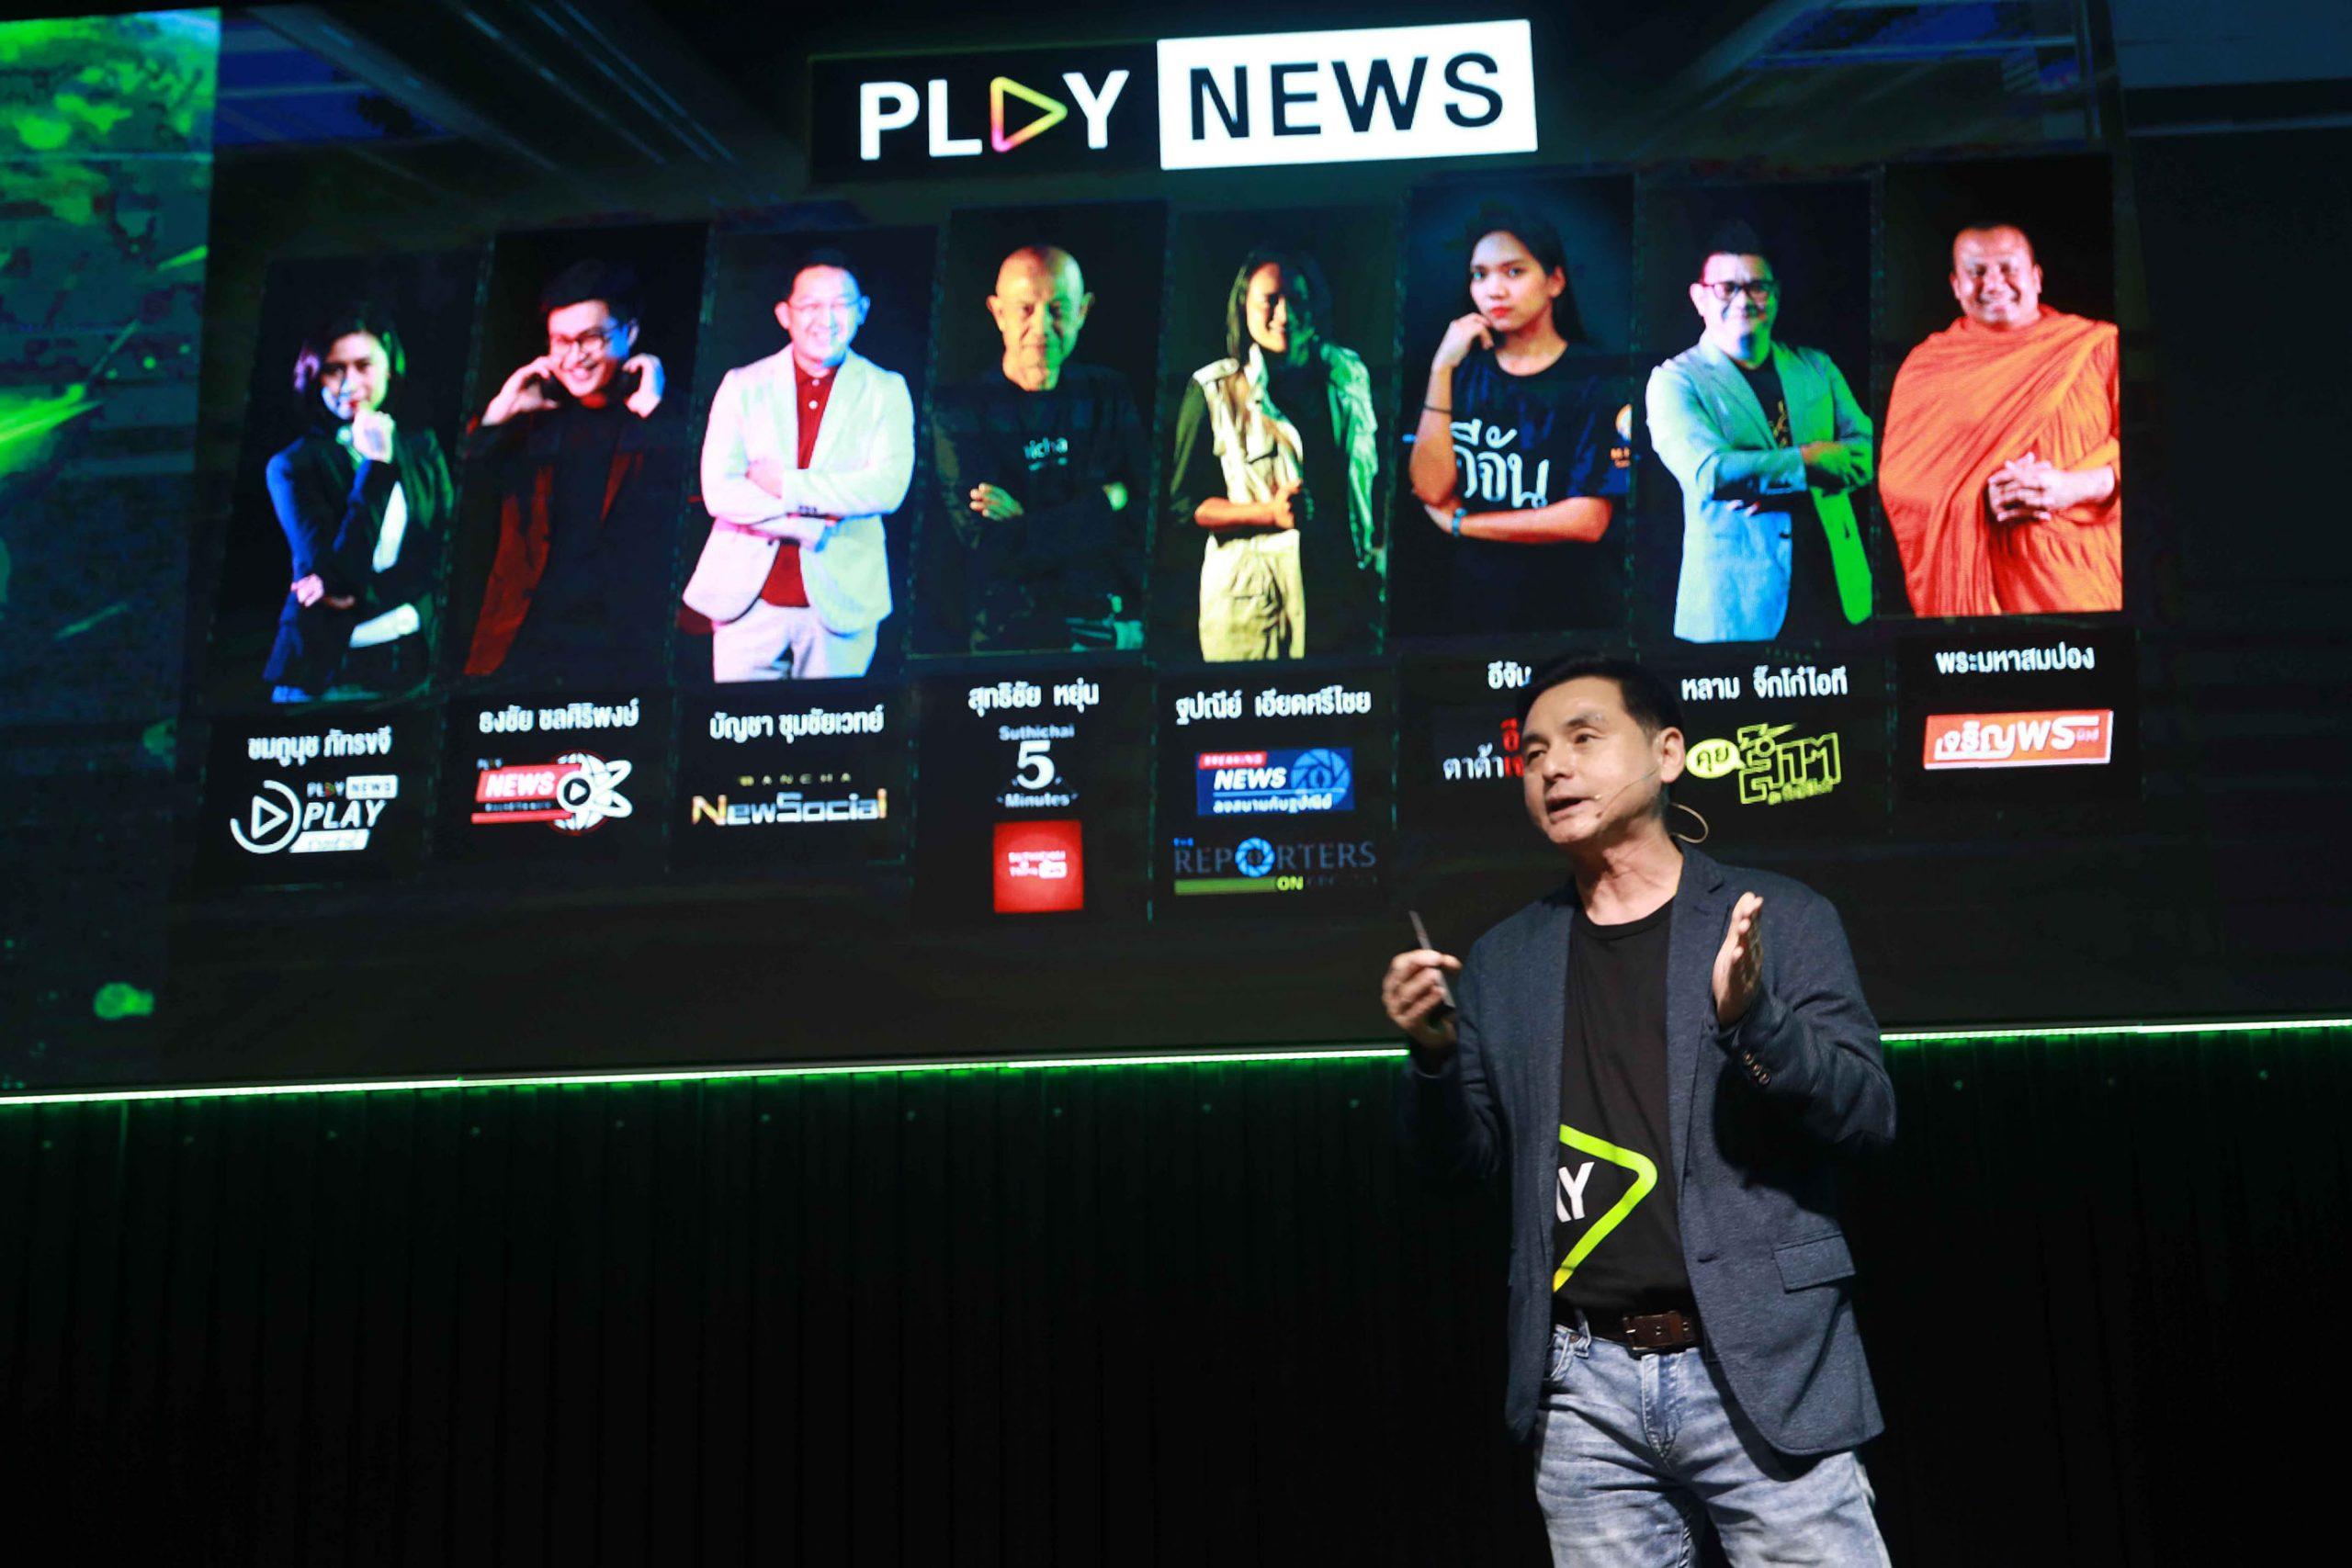 201009 Pic 04 AIS แจ้งเกิด PLAY NEWS ดิจิทัลแพลตฟอร์มของคนไทย ดันครีเอเตอร์ไทยบินสูง